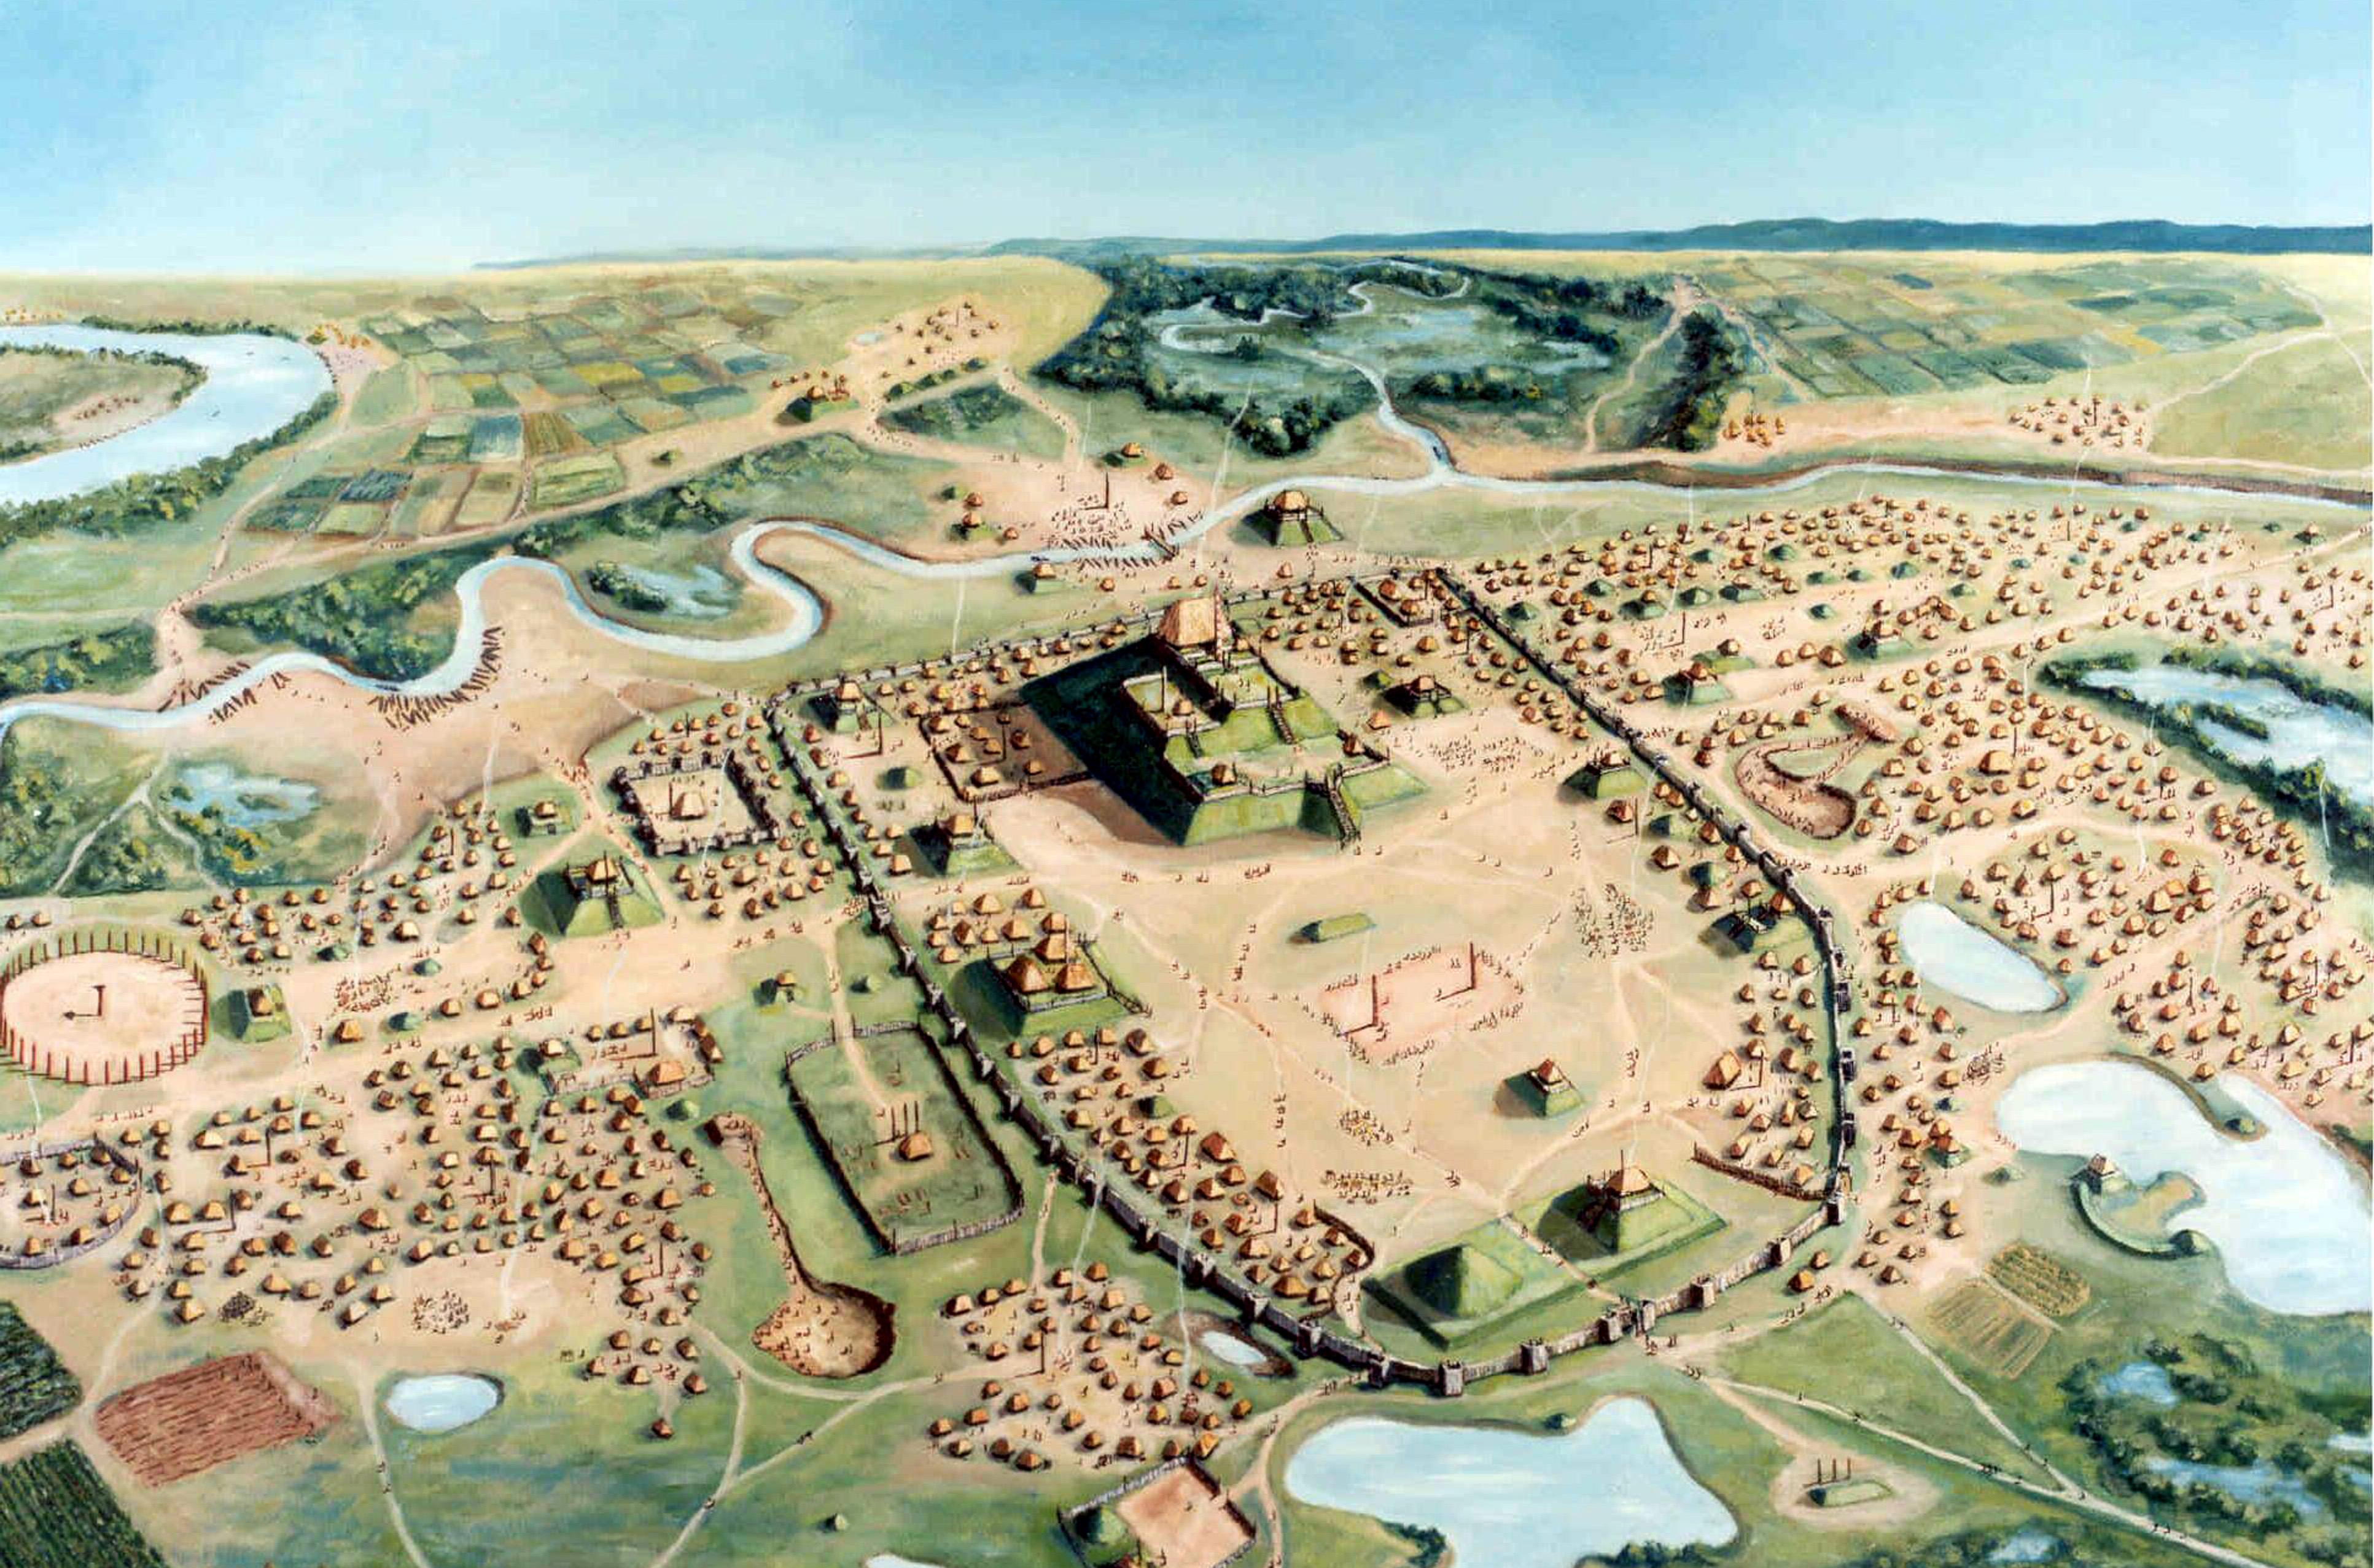 IsemingerPainting-Credit-Aerial-view-of-Cahokia-by-William-R.-Iseminger.JPG